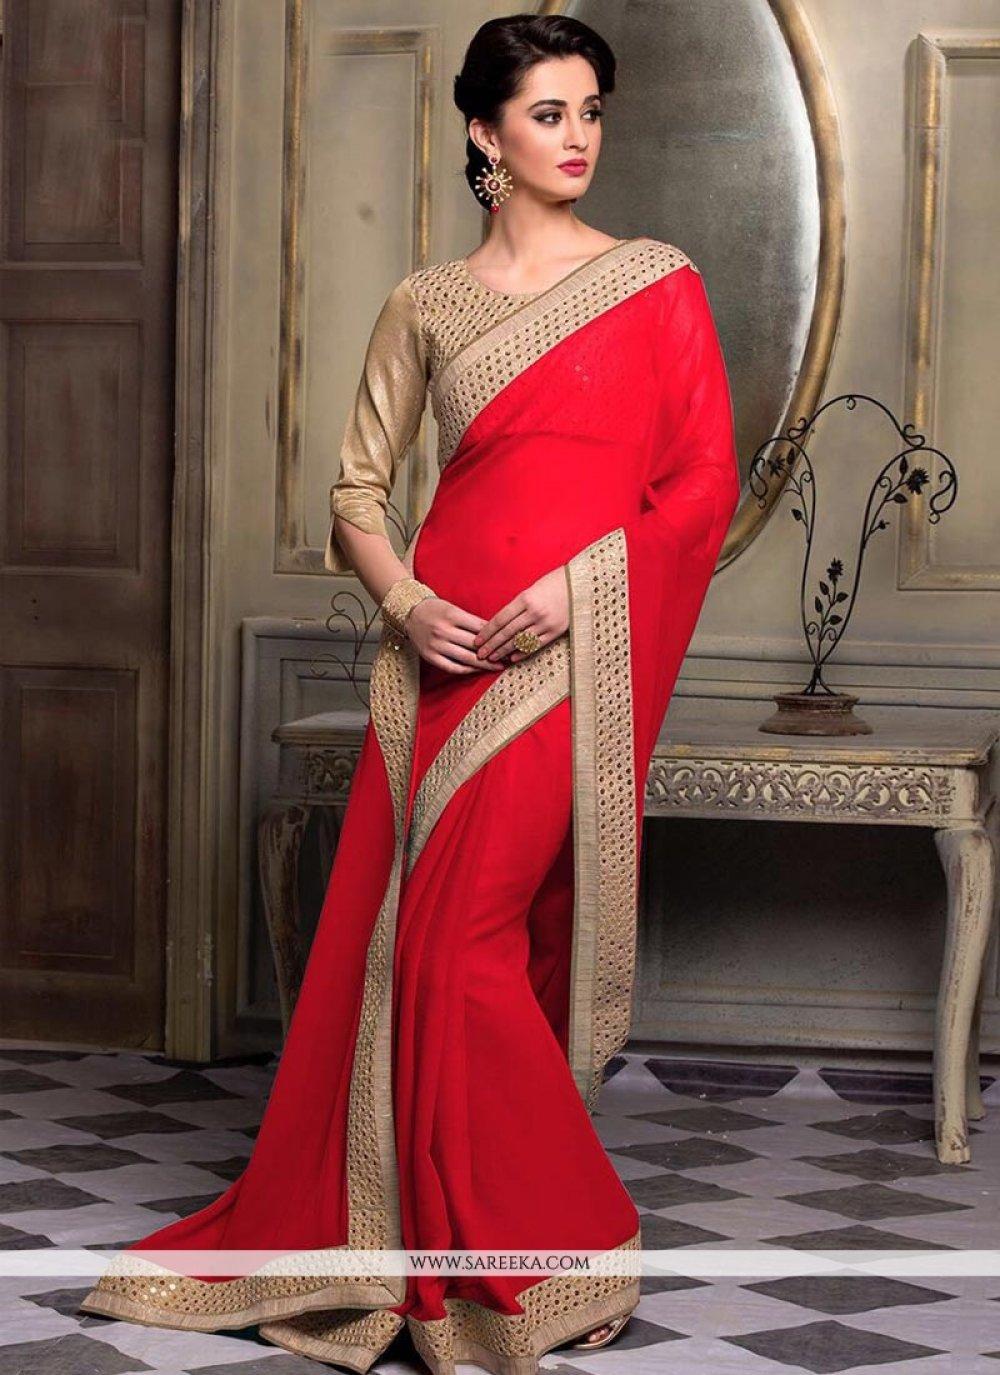 Red Resham Work Faux Chiffon Designer Saree